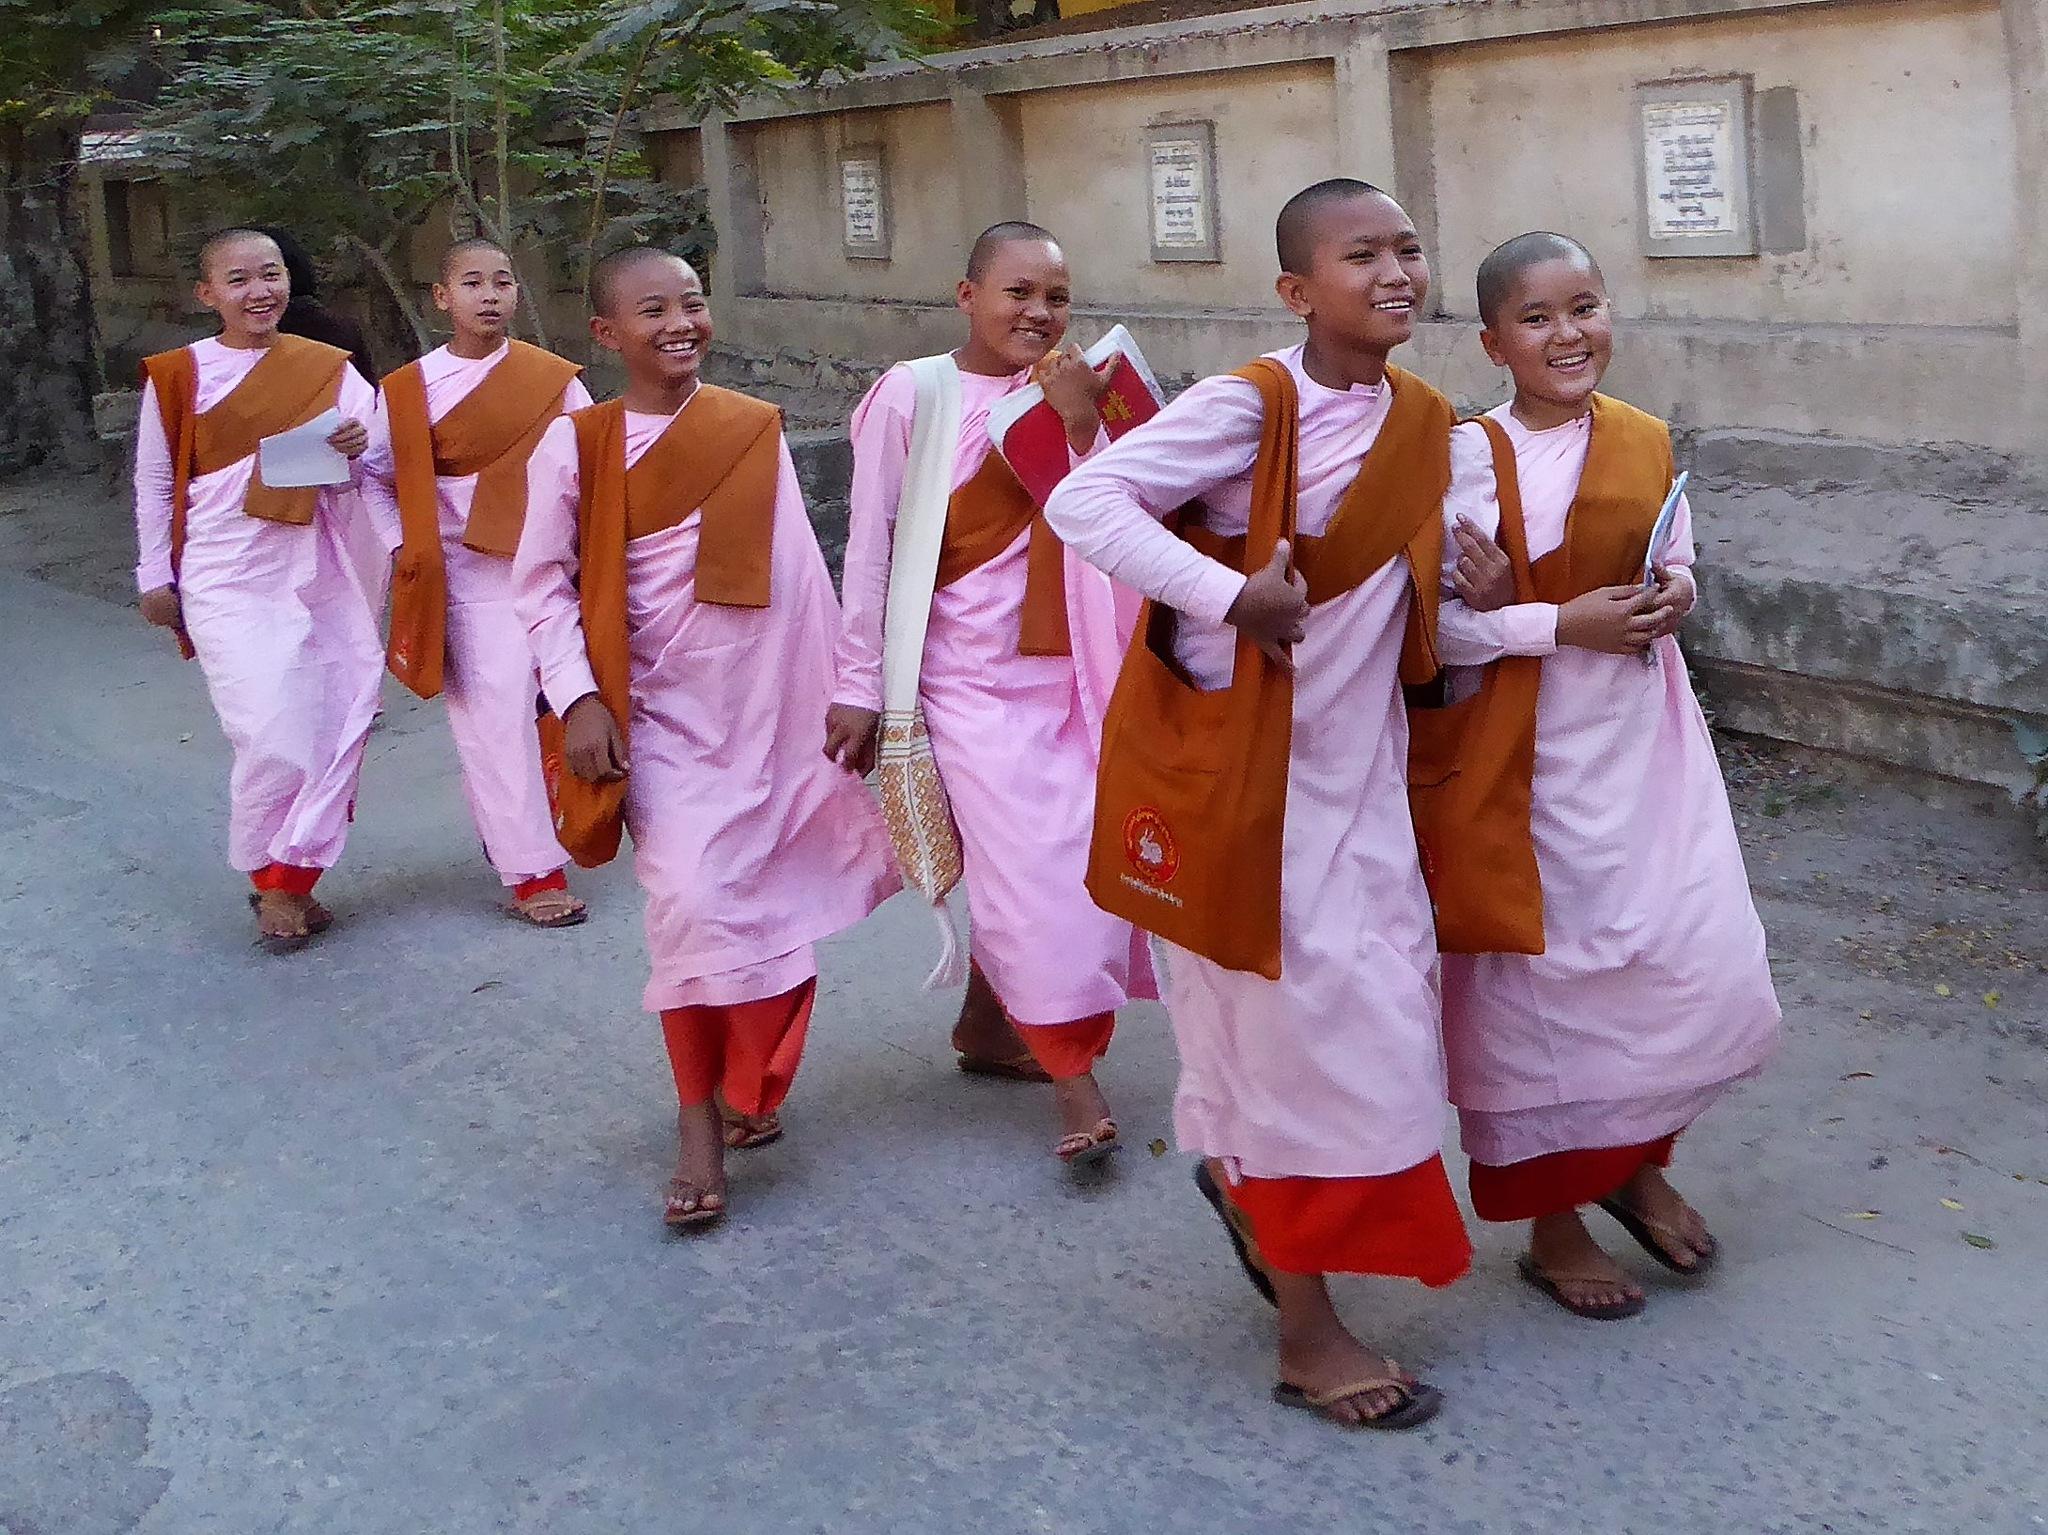 Boeddhist  monks by TonC